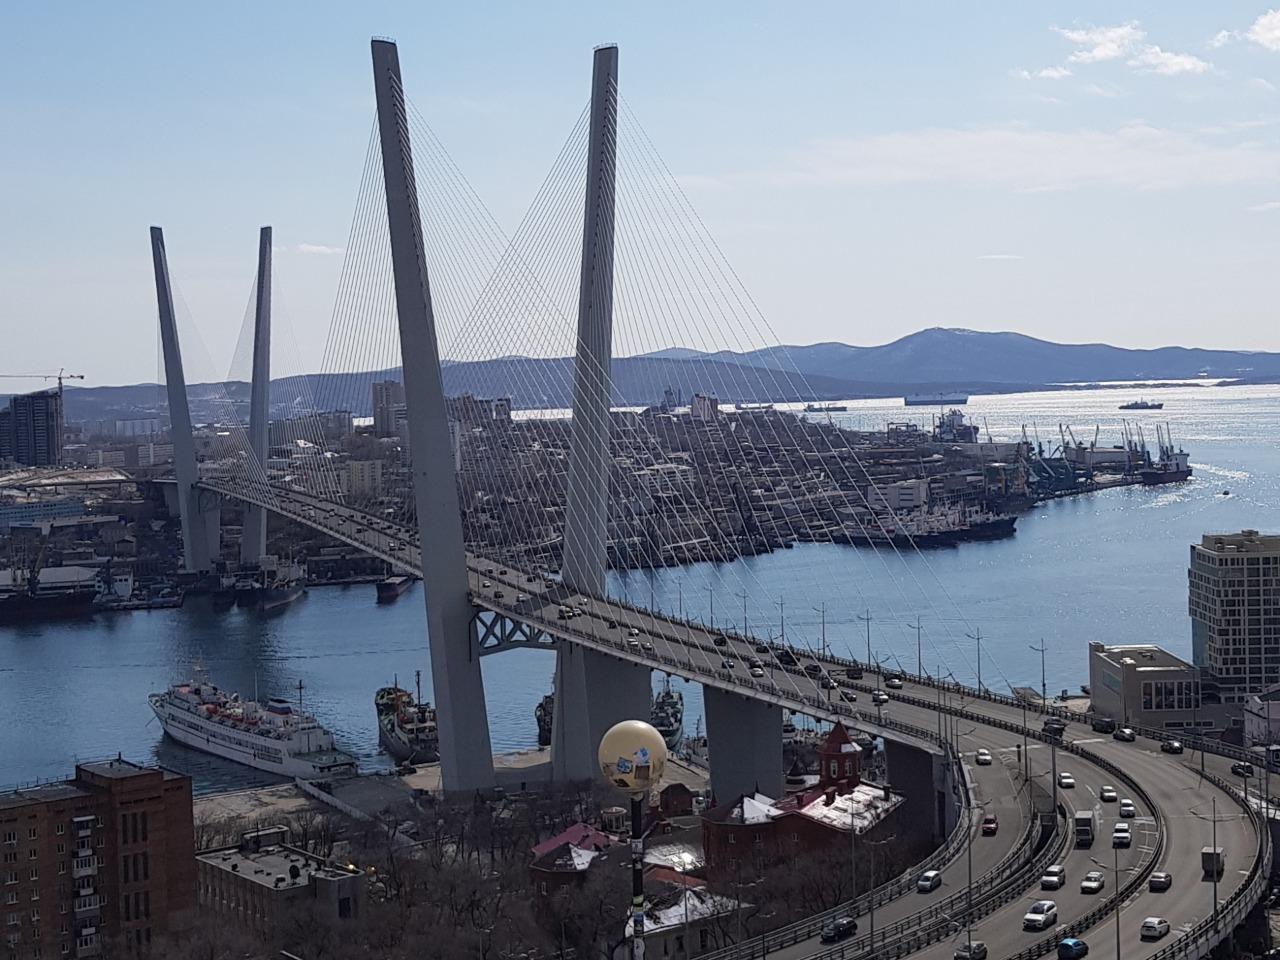 Пешеходная по историческому центру Владивостока - индивидуальная экскурсия по Владивостоку от опытного гида